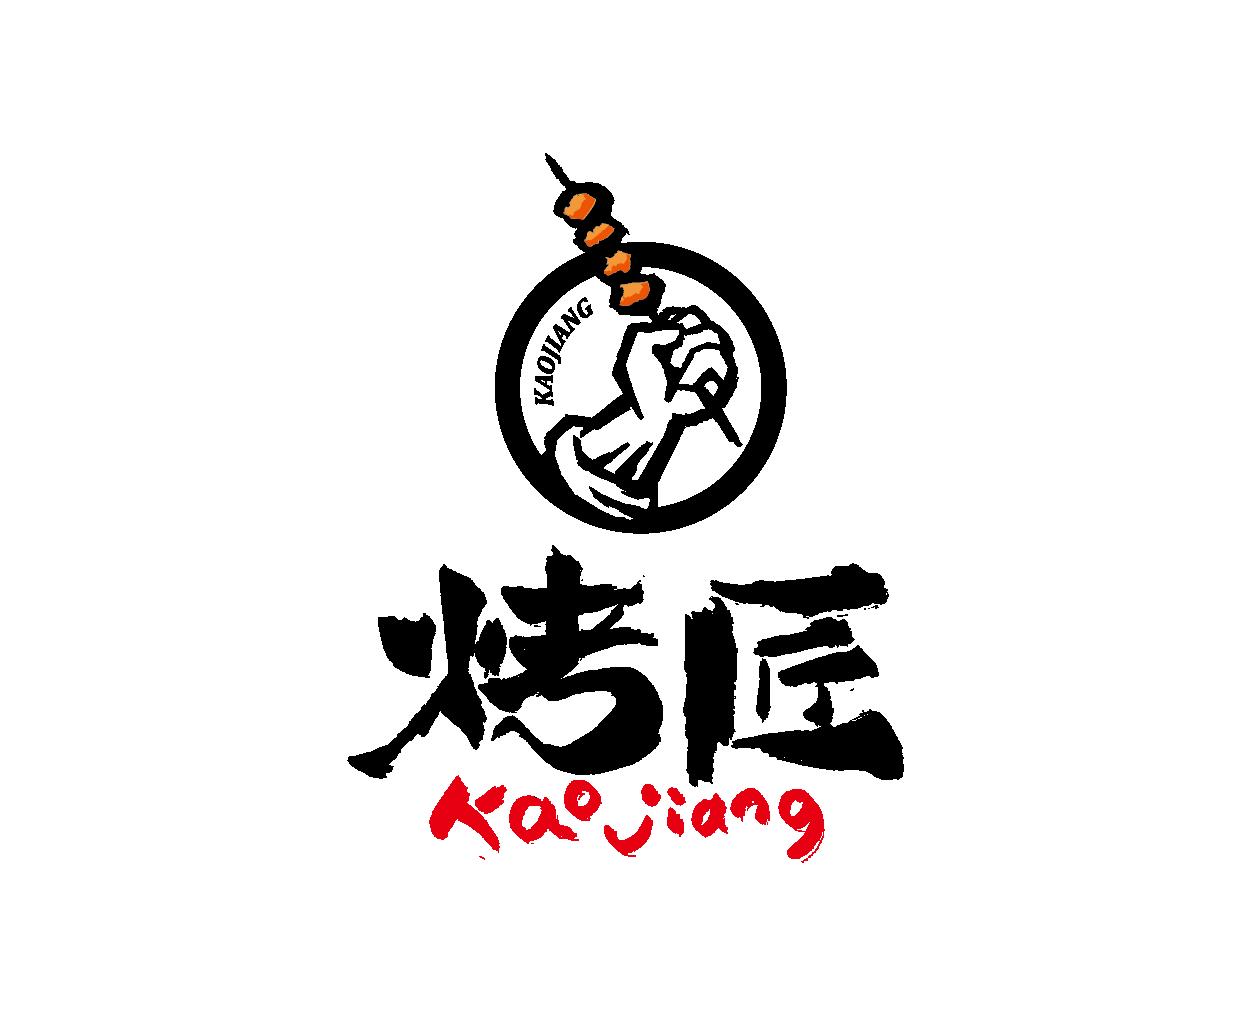 烤匠+烧烤行业+logo(第三方)